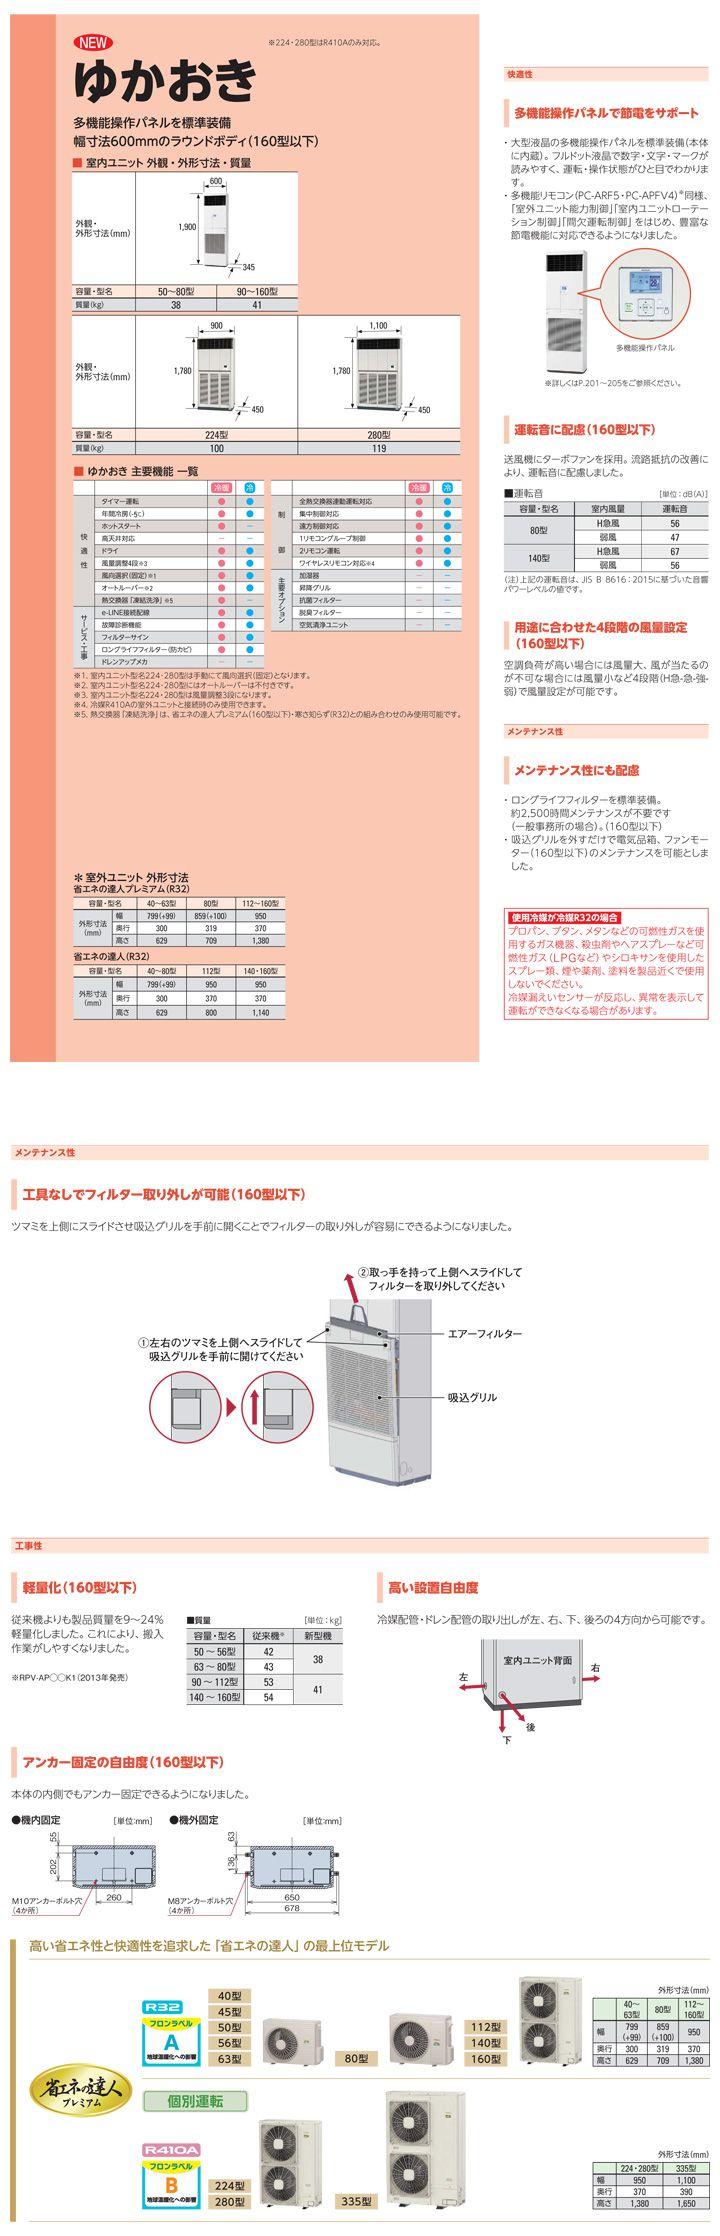 RPV-AP335GHW7カタログ